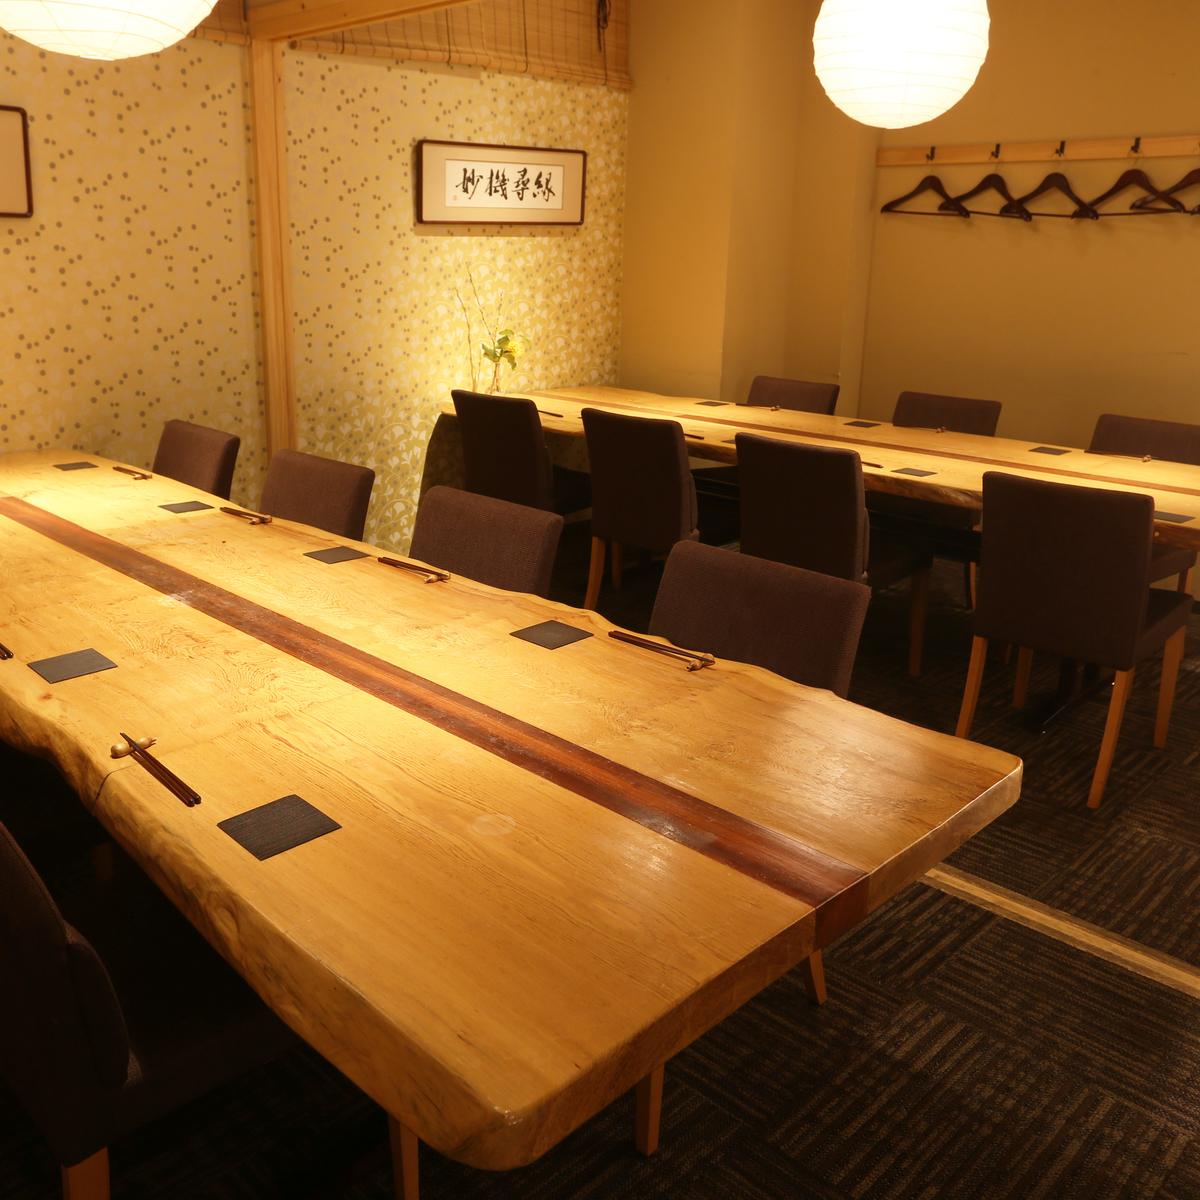 靴の脱履や、お足元の気になるお客様でも利用が可能な、テーブル個室です。(テーブル個室4名〜20名様まで対応可能)